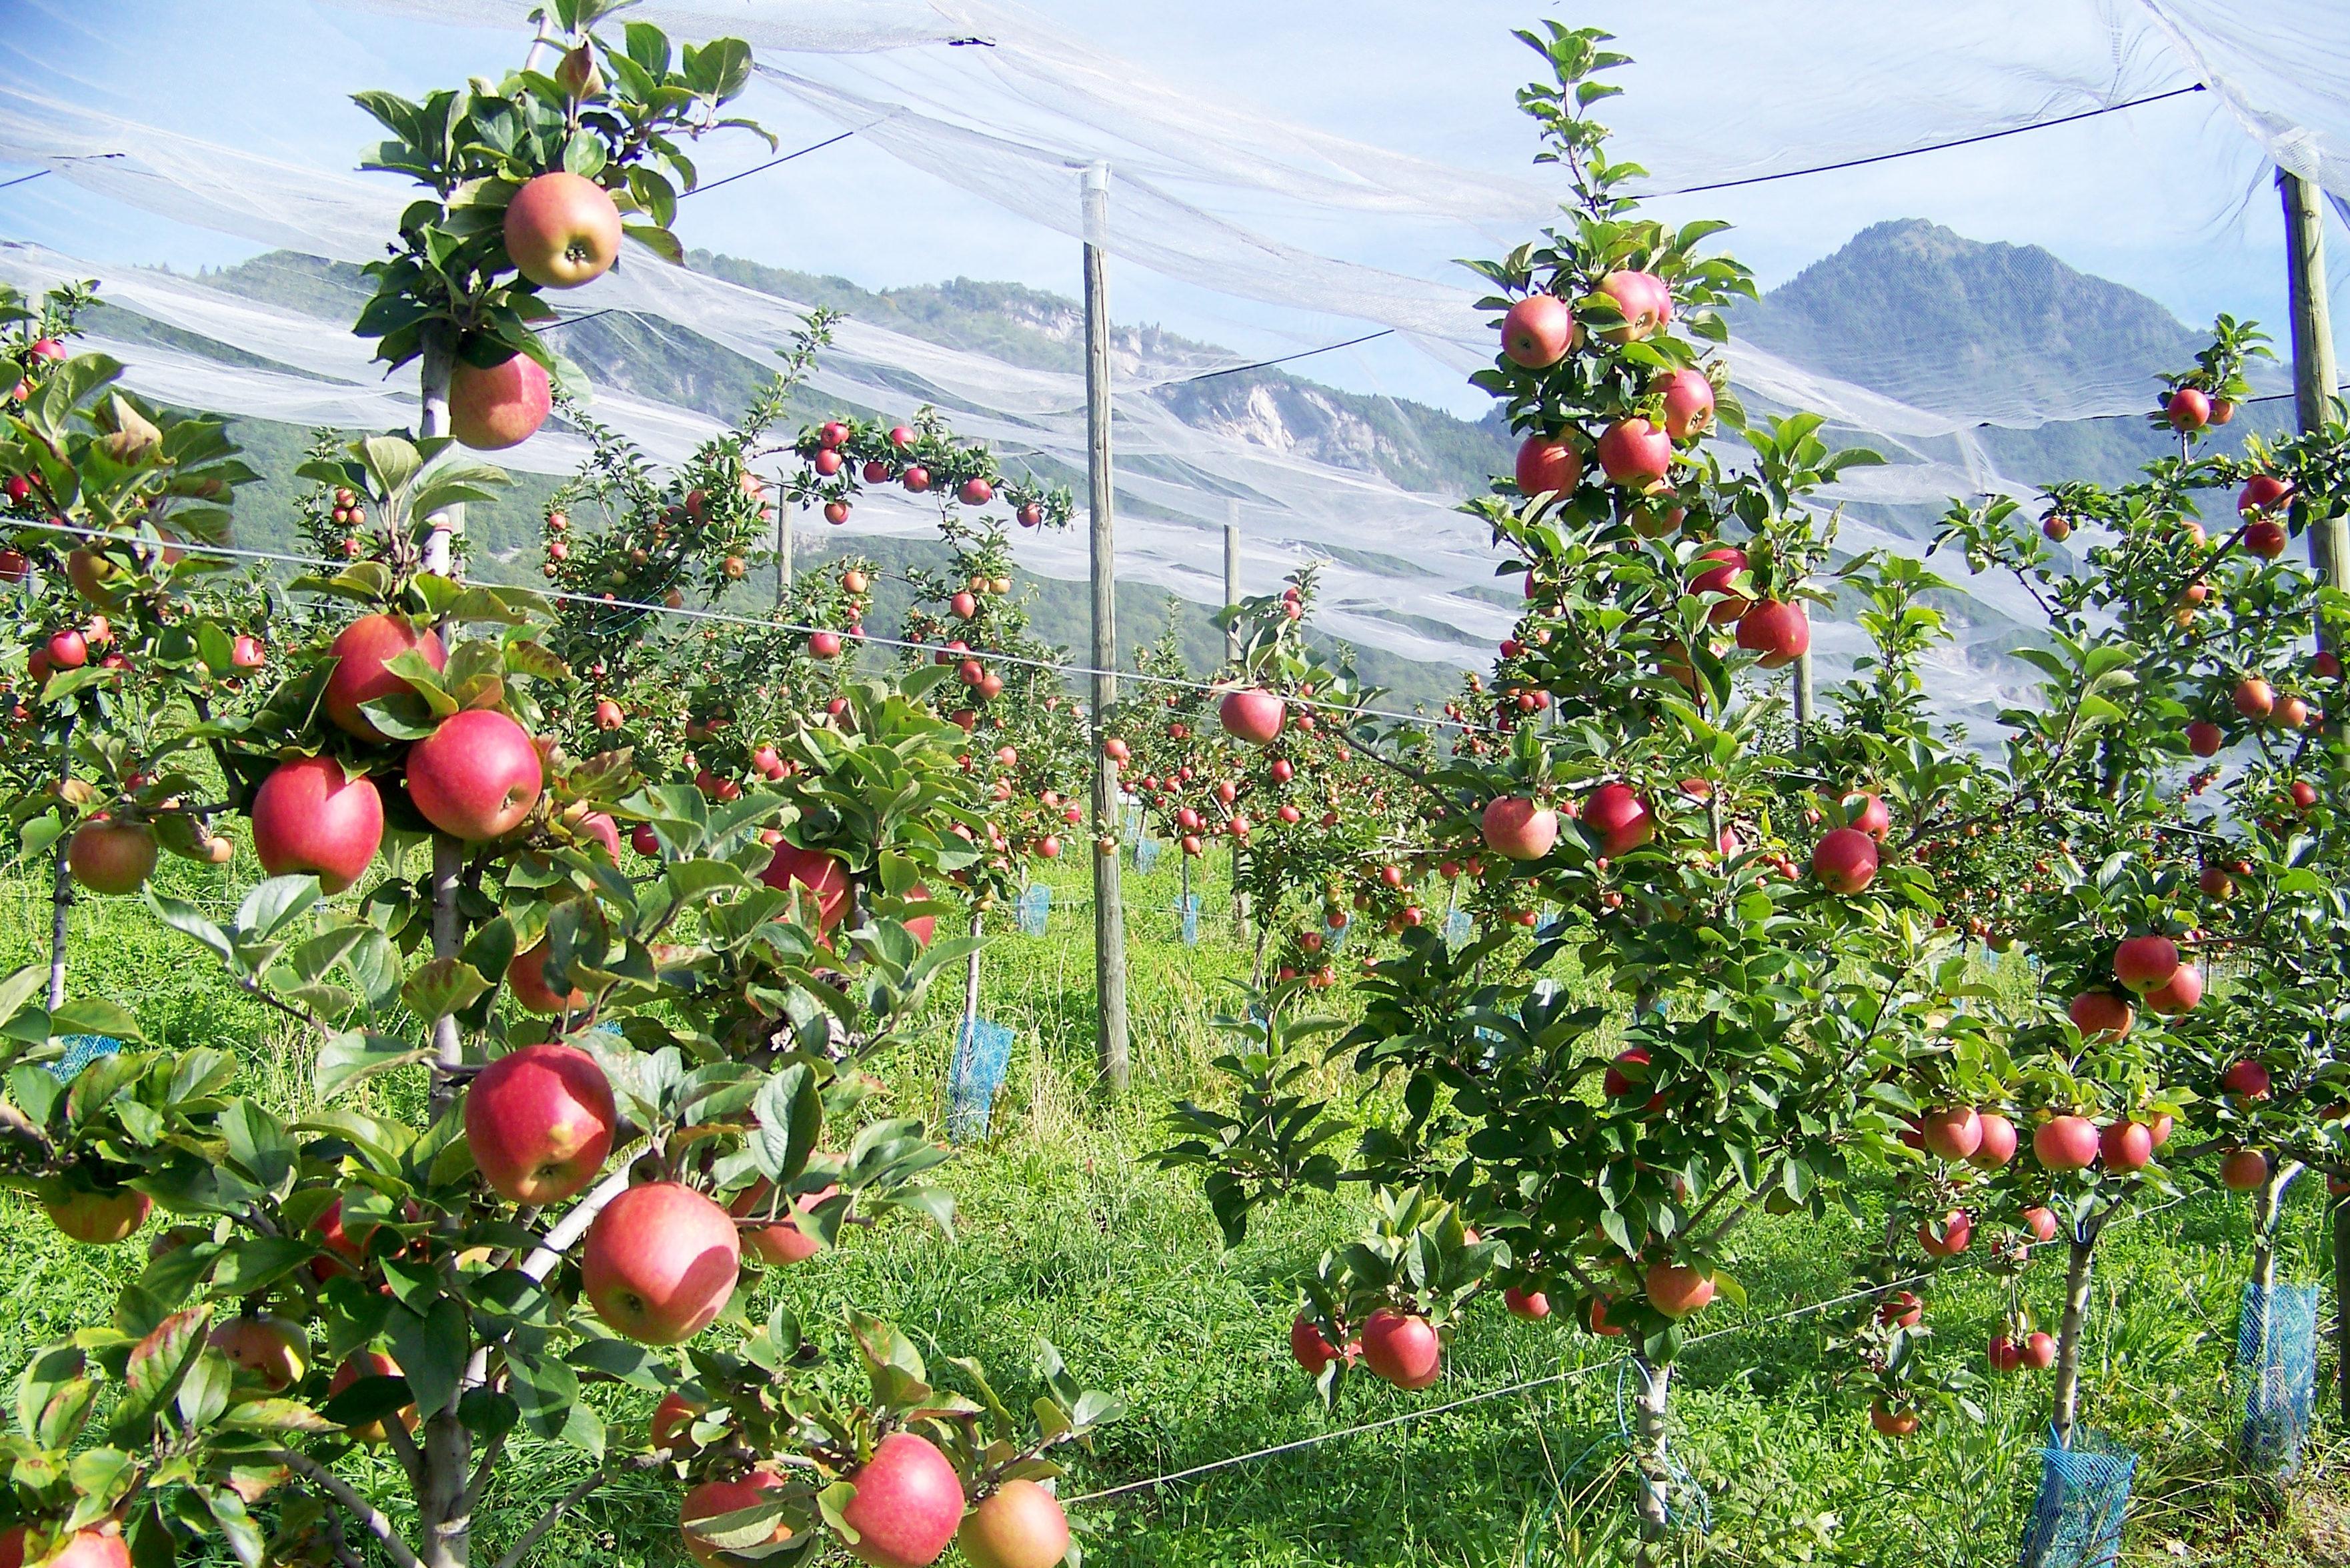 Primeurs Albertville - Fruits et légumes de saison Gilly-Sur-Isère- ferme-magasin de producteurs - Gilly sur Isère / Albertville- savoie - terroir